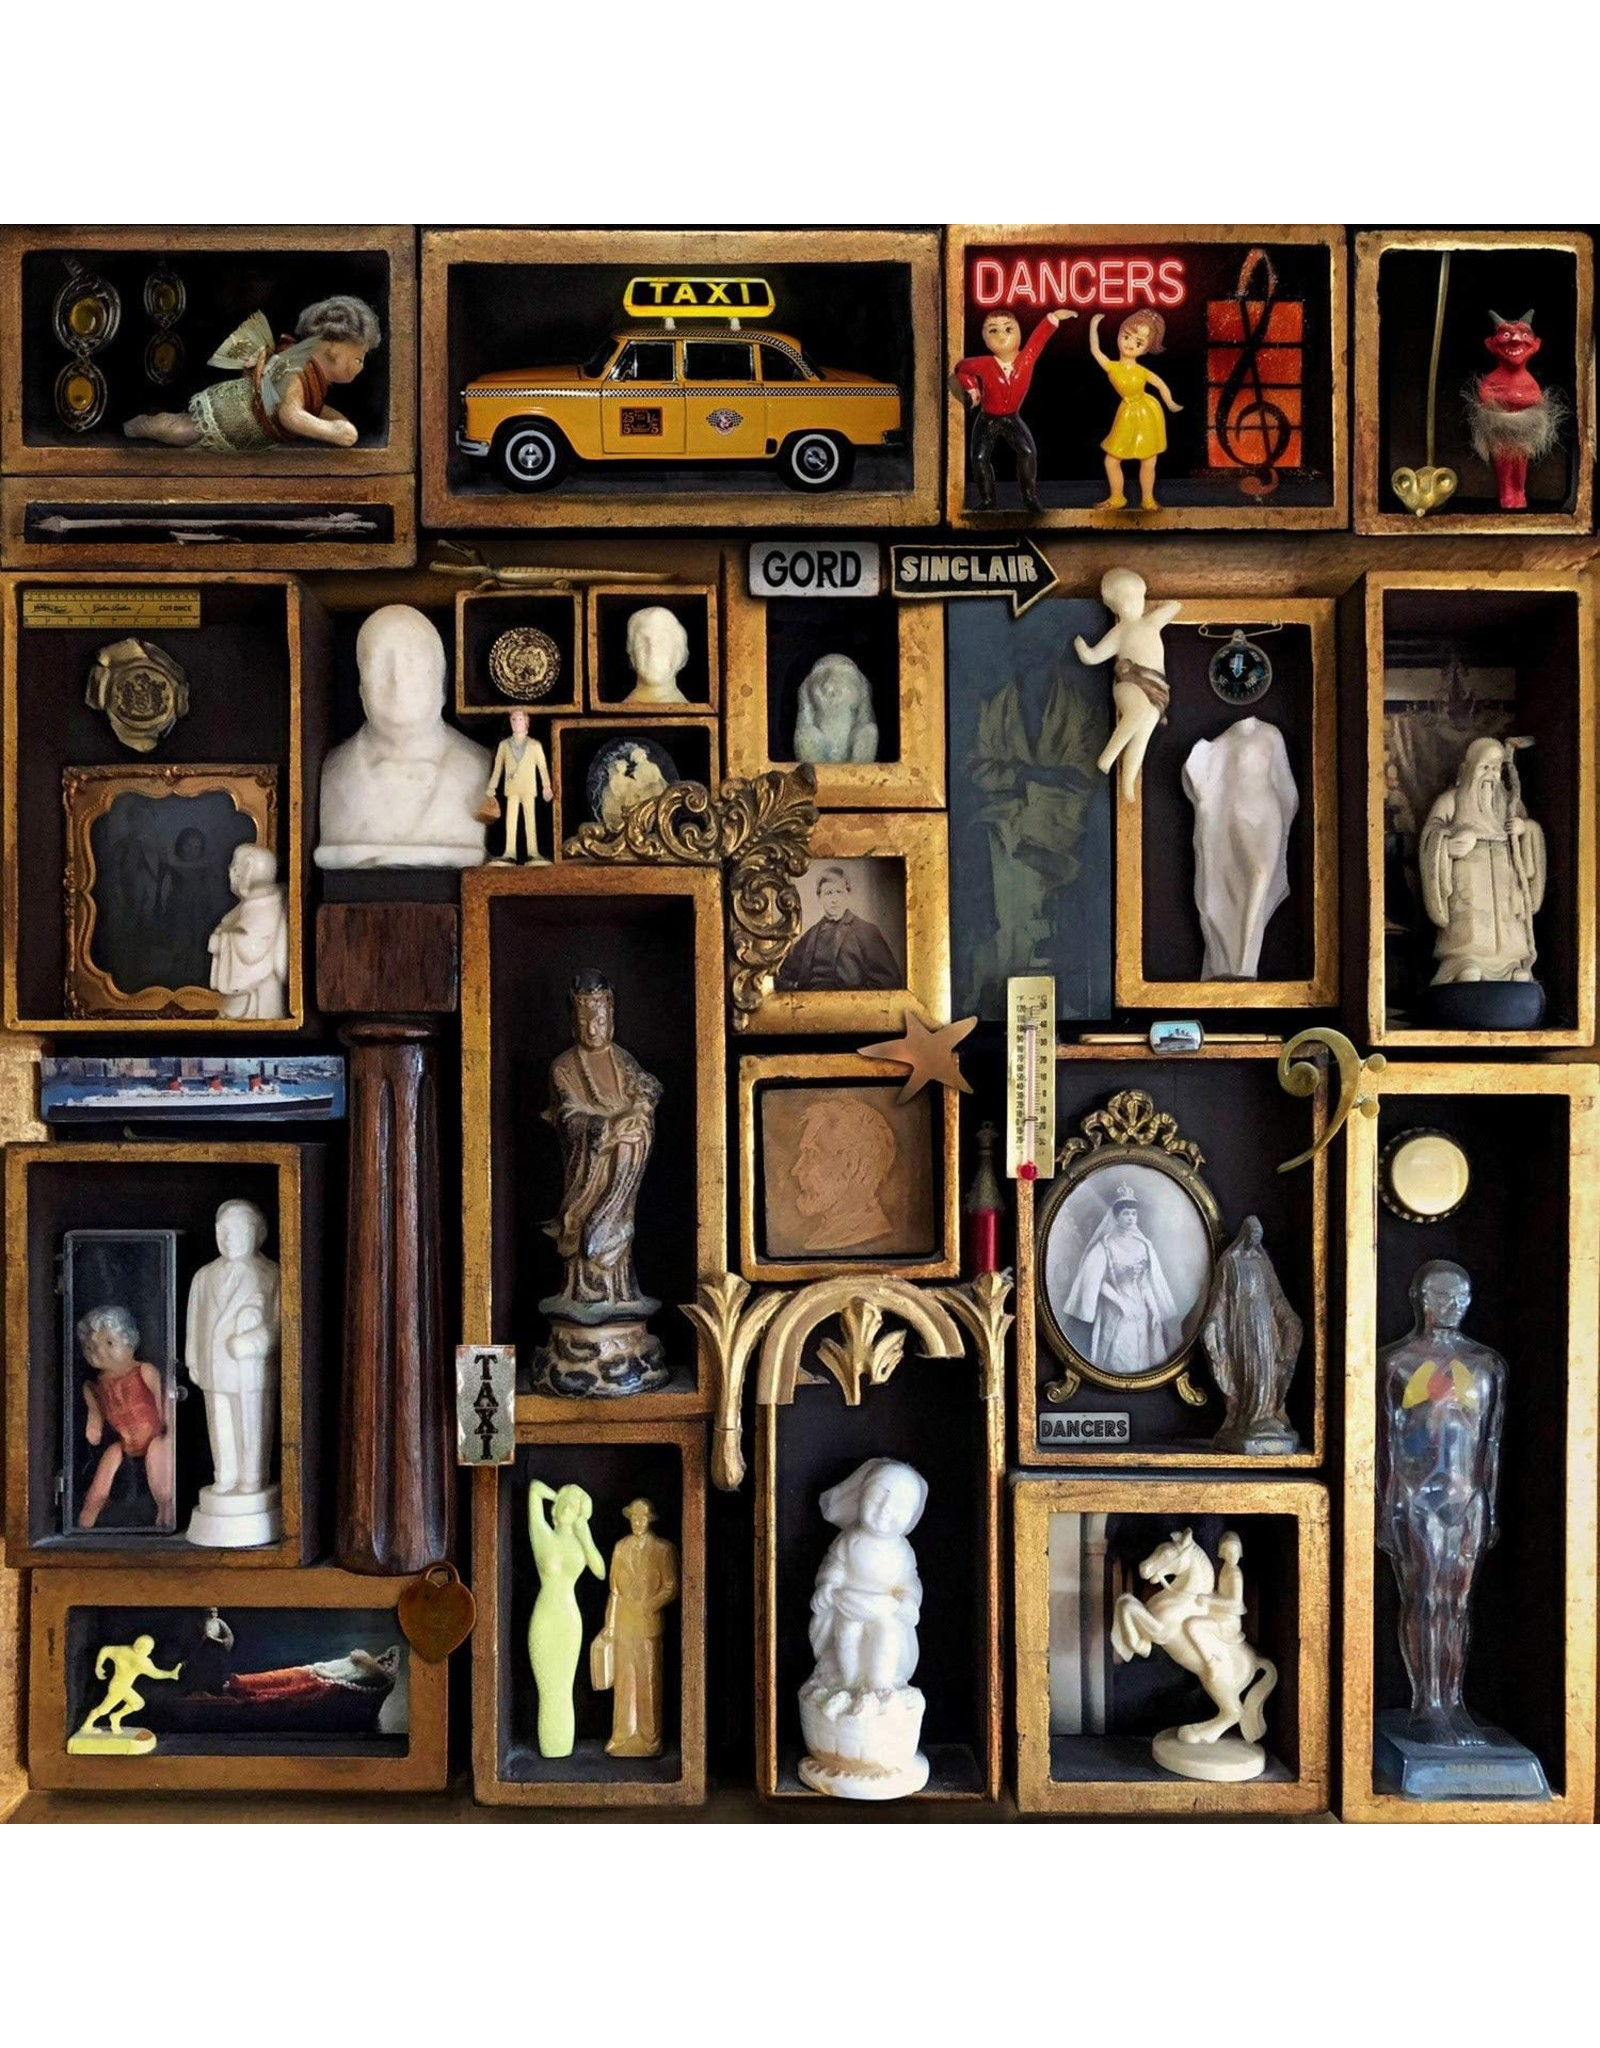 Sinclair, Gord - Taxi Dancers CD